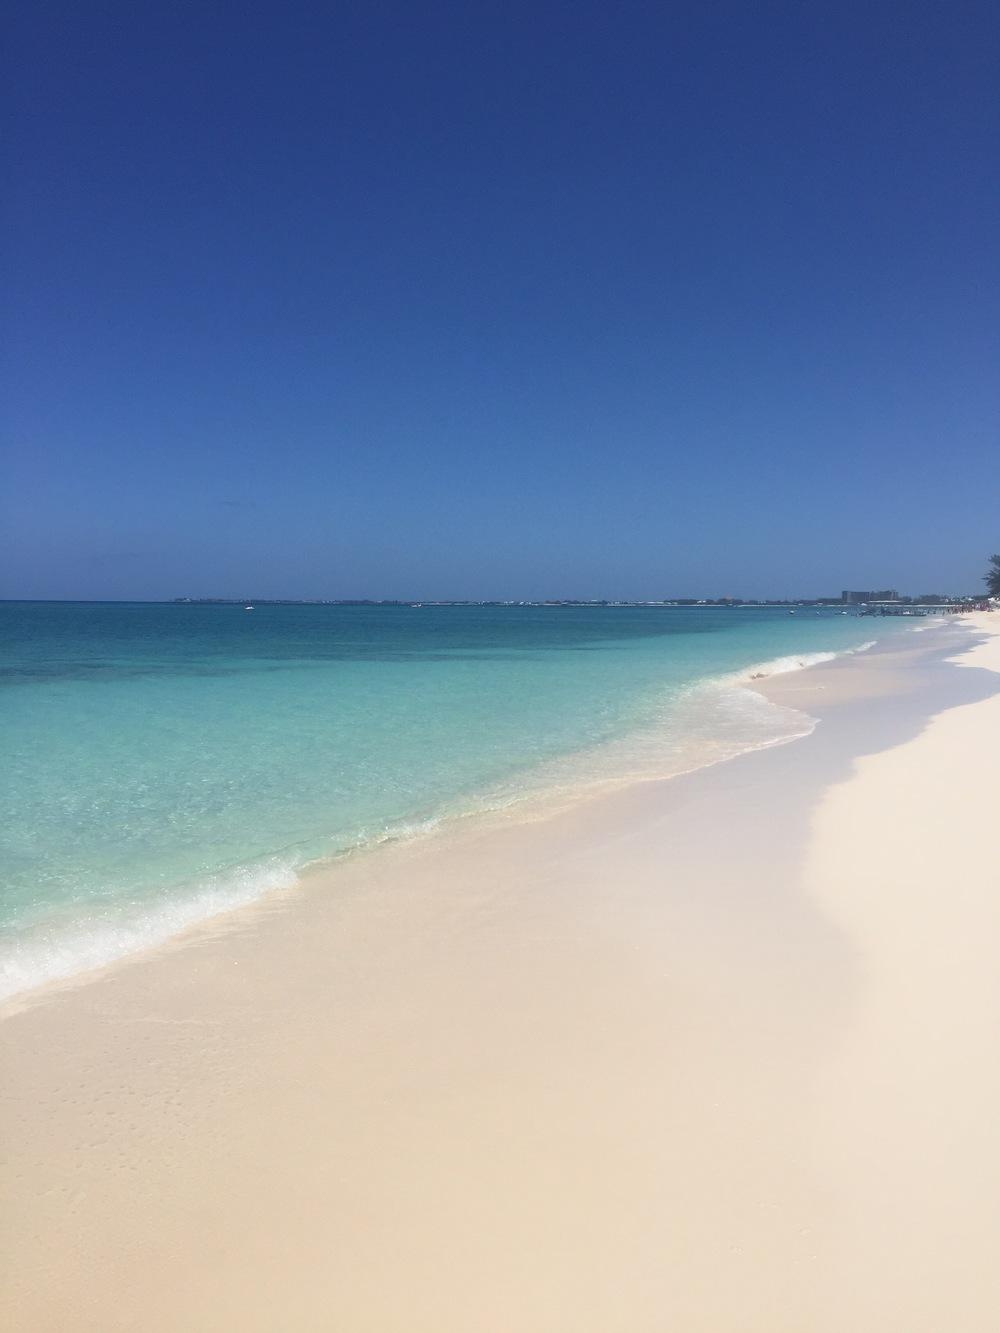 ¿Que te parece la playa?